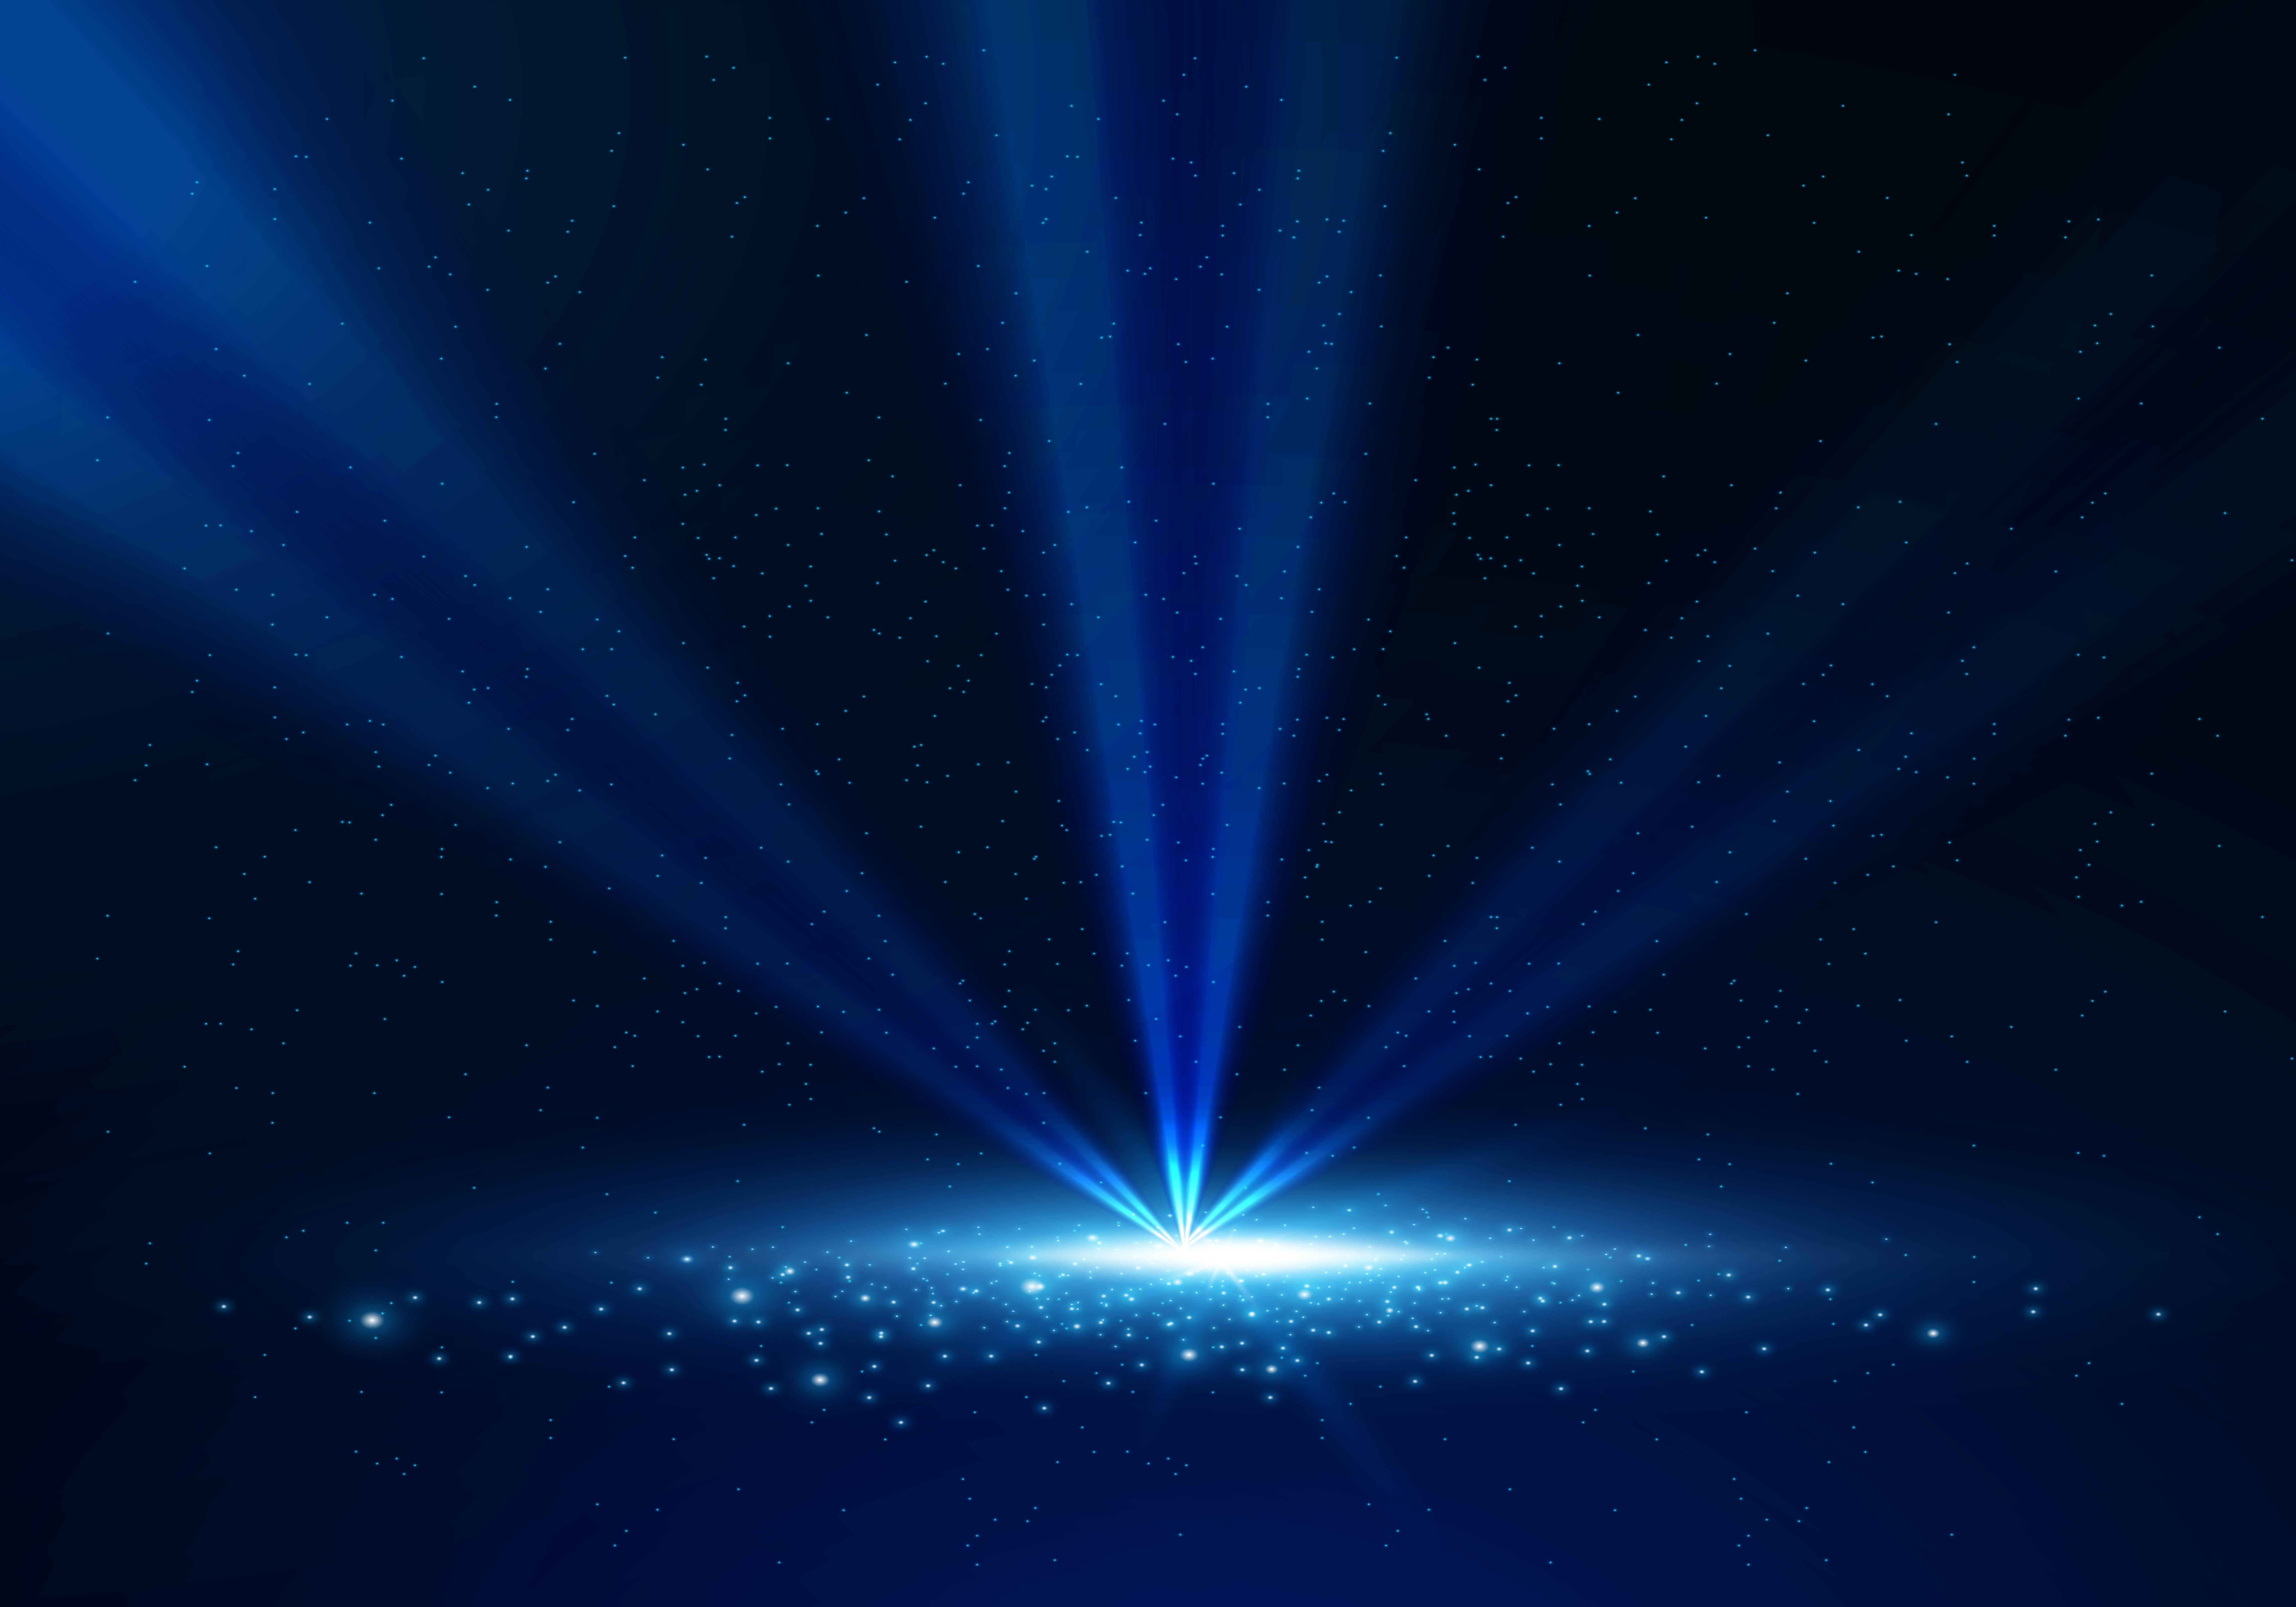 La nuit de l éclairage de la scène de fond bleu foncé Bleu La Nuit Laser Image de fond pour le ...